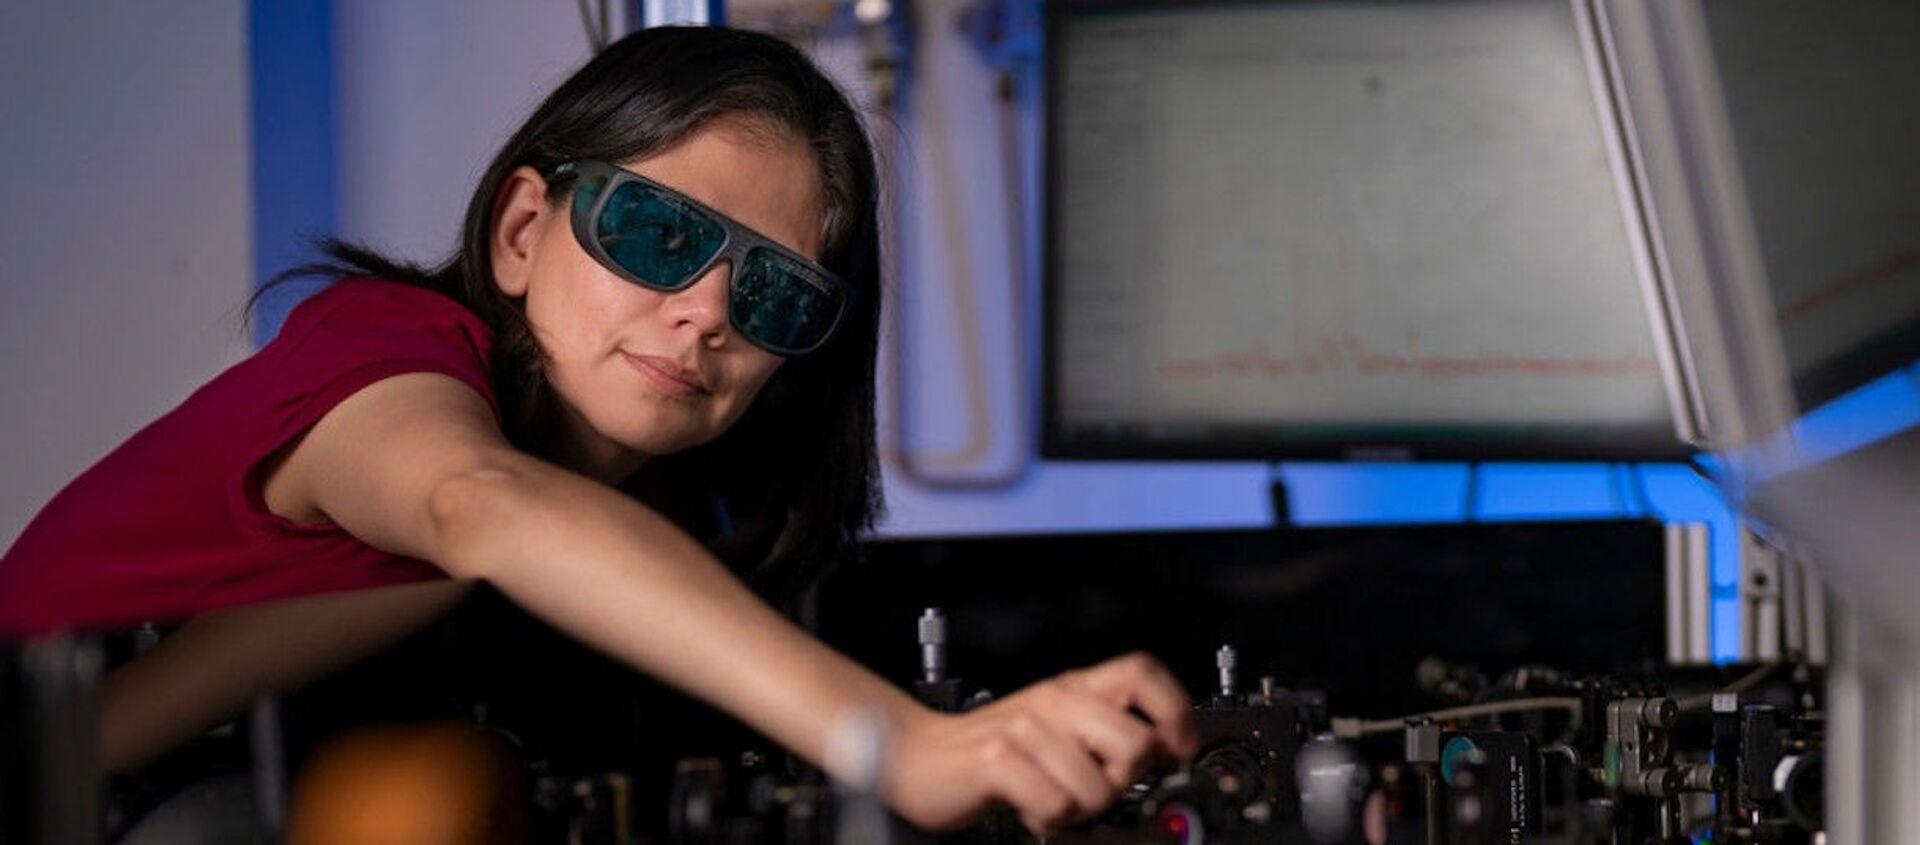 Australijscy i europejscy naukowcy opracowali rewolucyjną technologię, która umożliwia wyraźne widzenie w ciemności dzięki ultracienkiej błonie, którą można nałożyć na powierzchnię zwykłych okularów. - Sputnik Polska, 1920, 16.06.2021